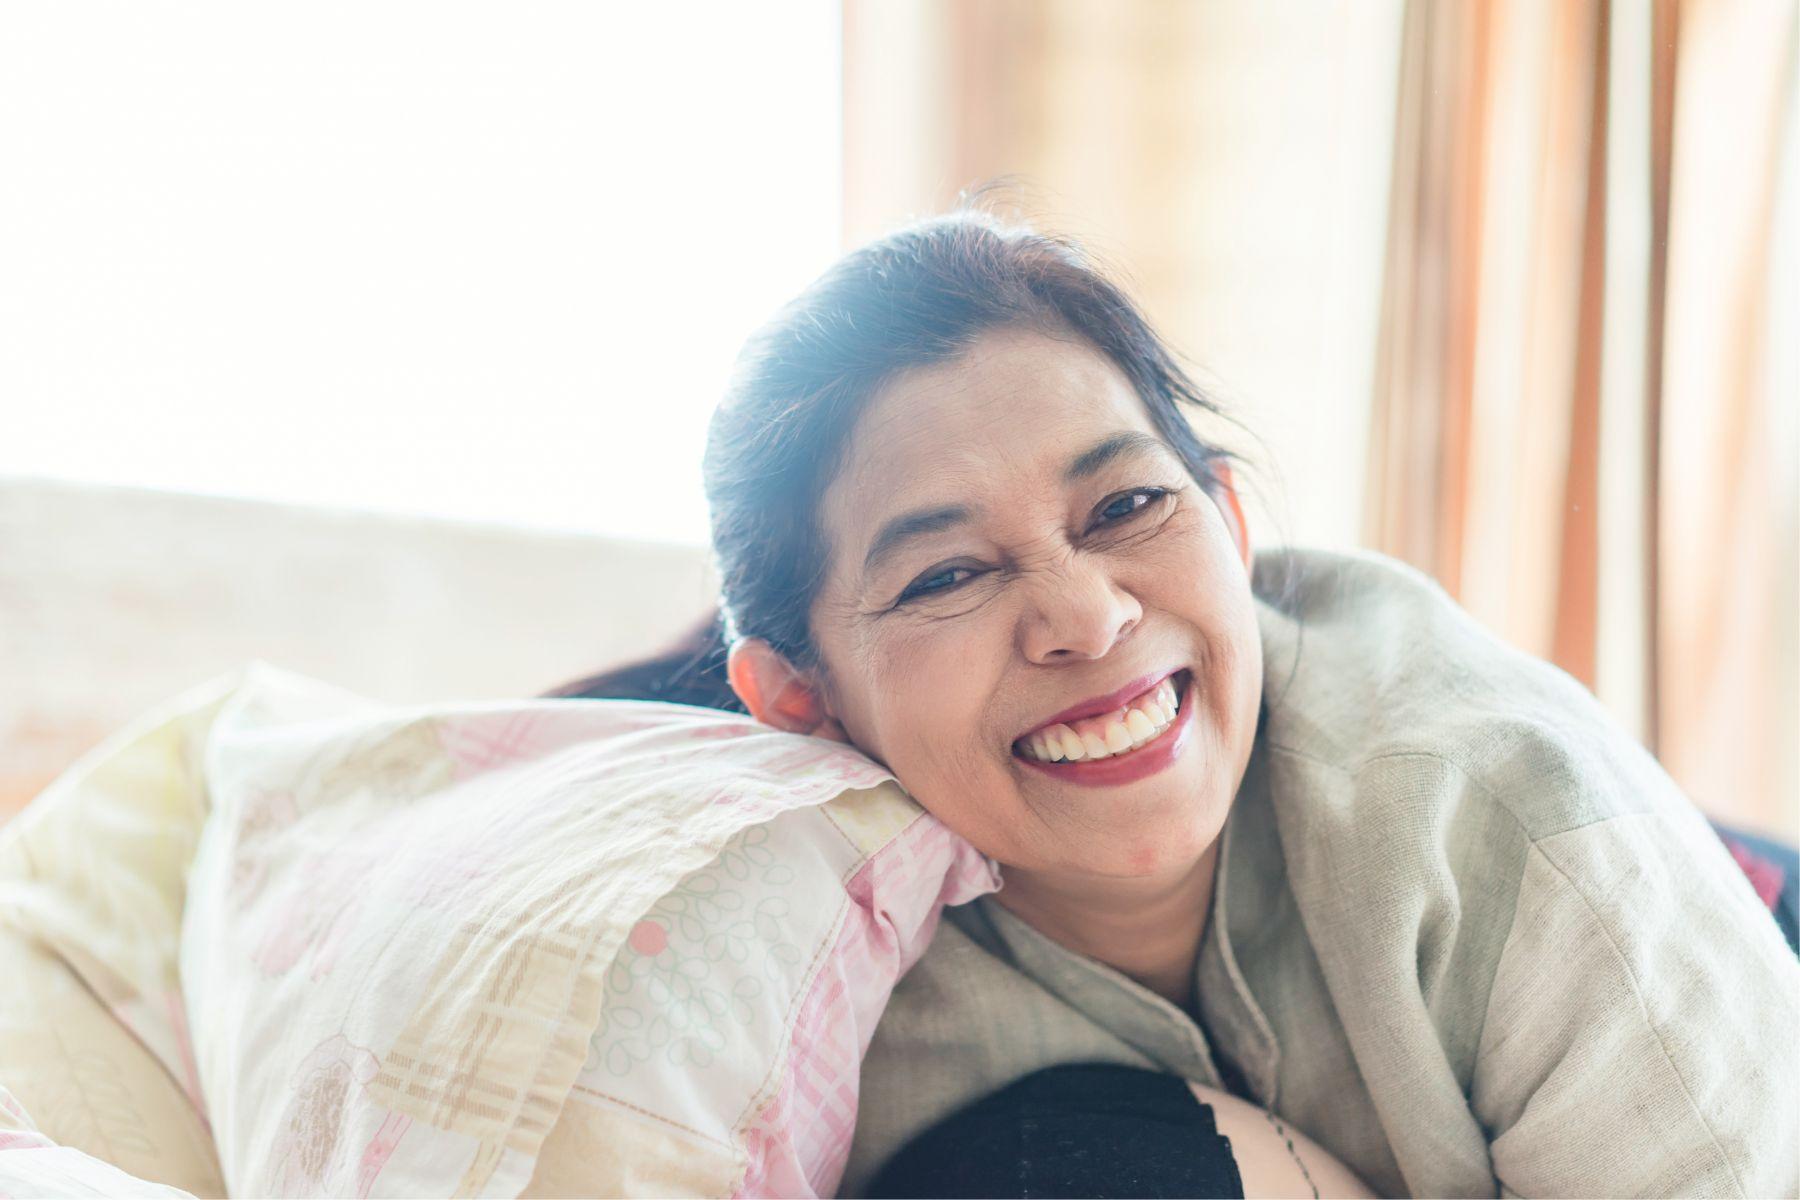 女性45歲後邁入更年期,多吃黃豆、桑椹、芝麻13食物延緩卵巢老化